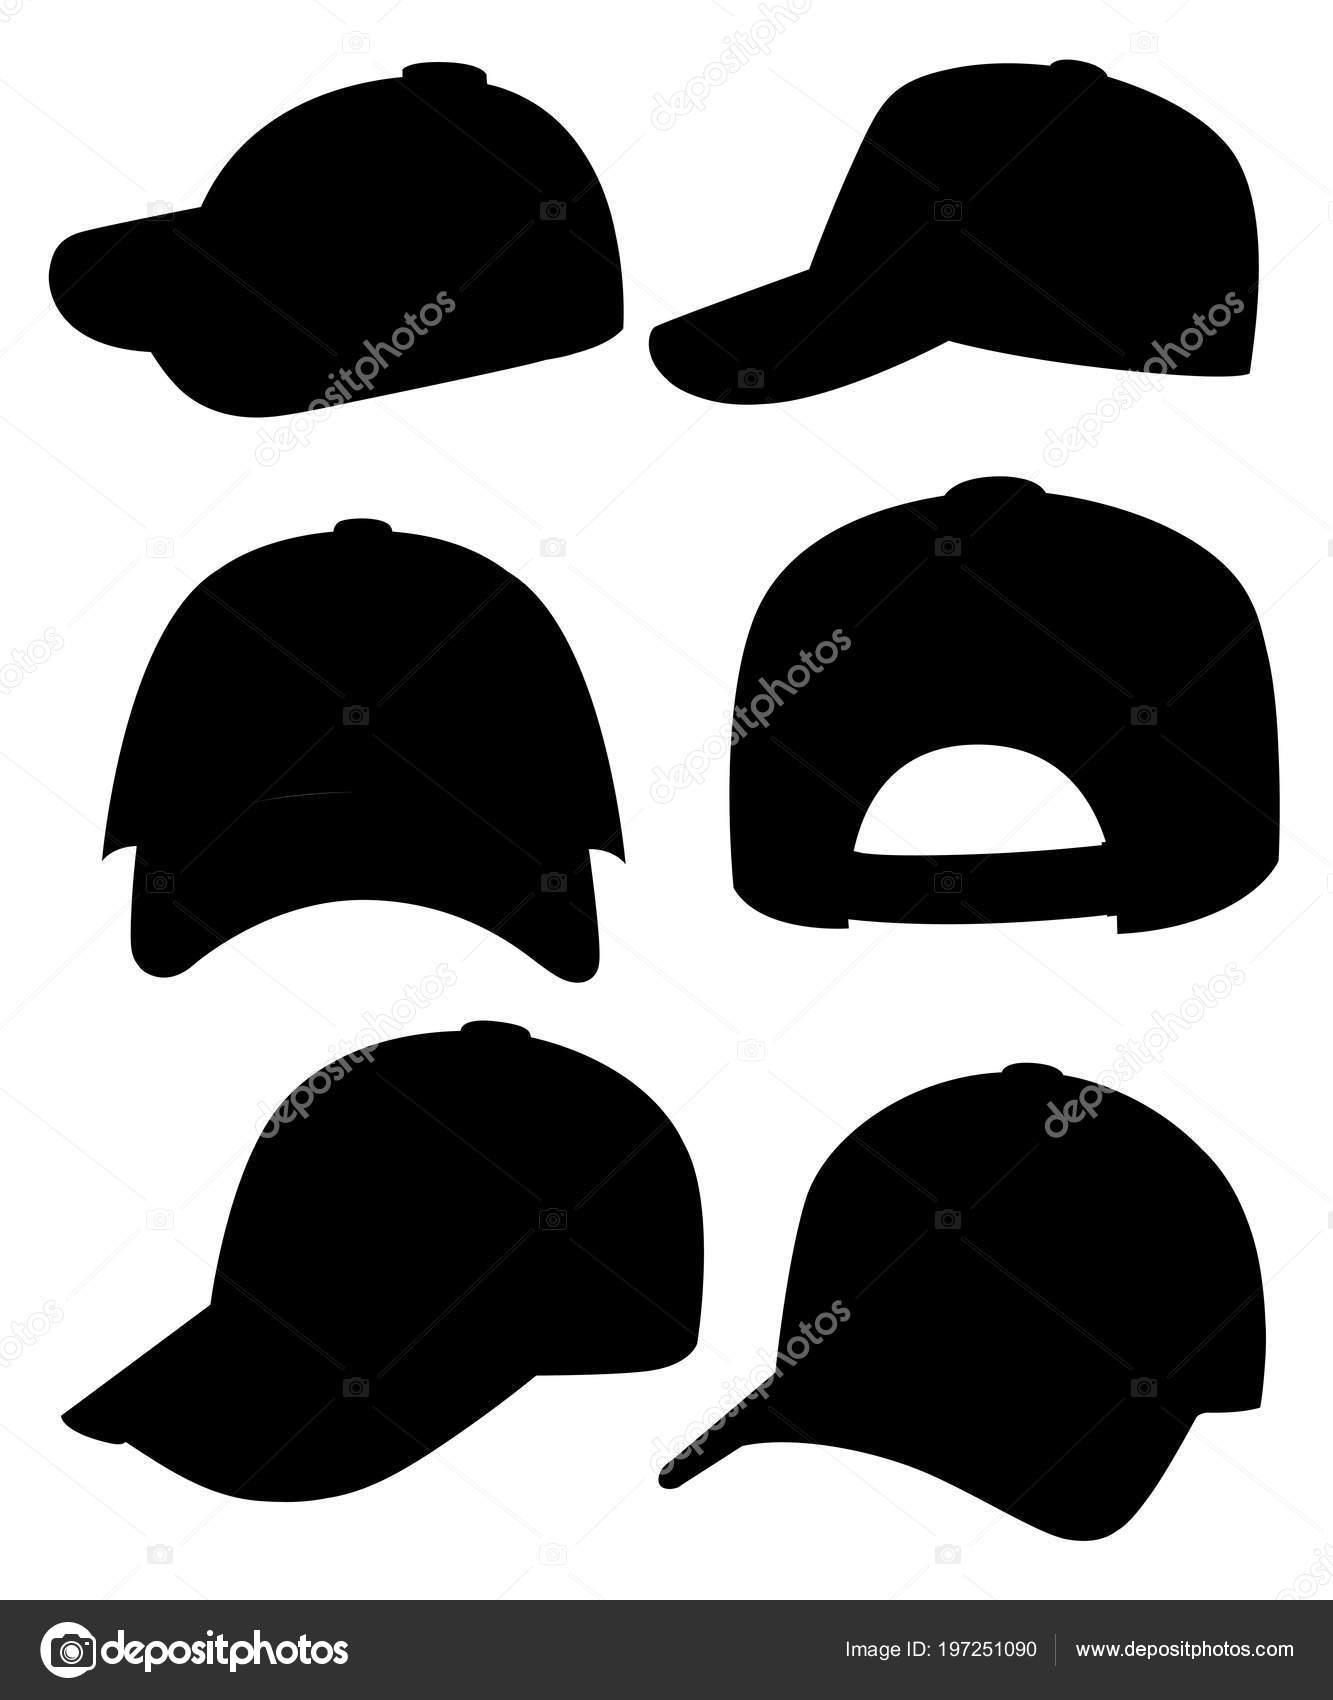 d7996a2e1dd4 Silueta Negra Gorra Béisbol Colección Gorras Diferentes Sombreros ...